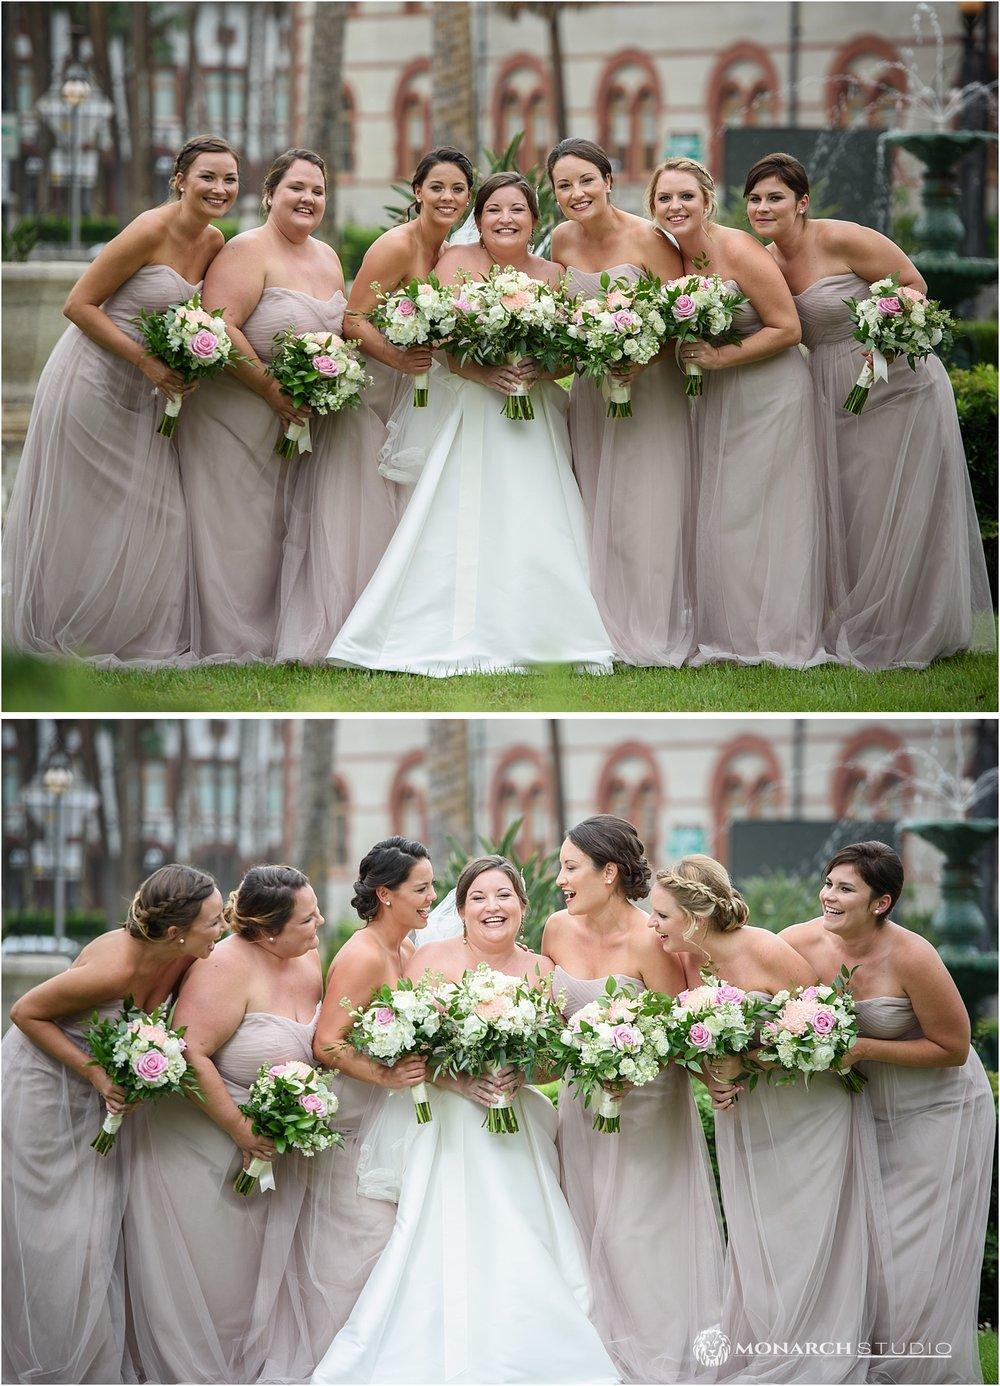 st-augustine-wedding-planner-thewedding-authority-027.jpg